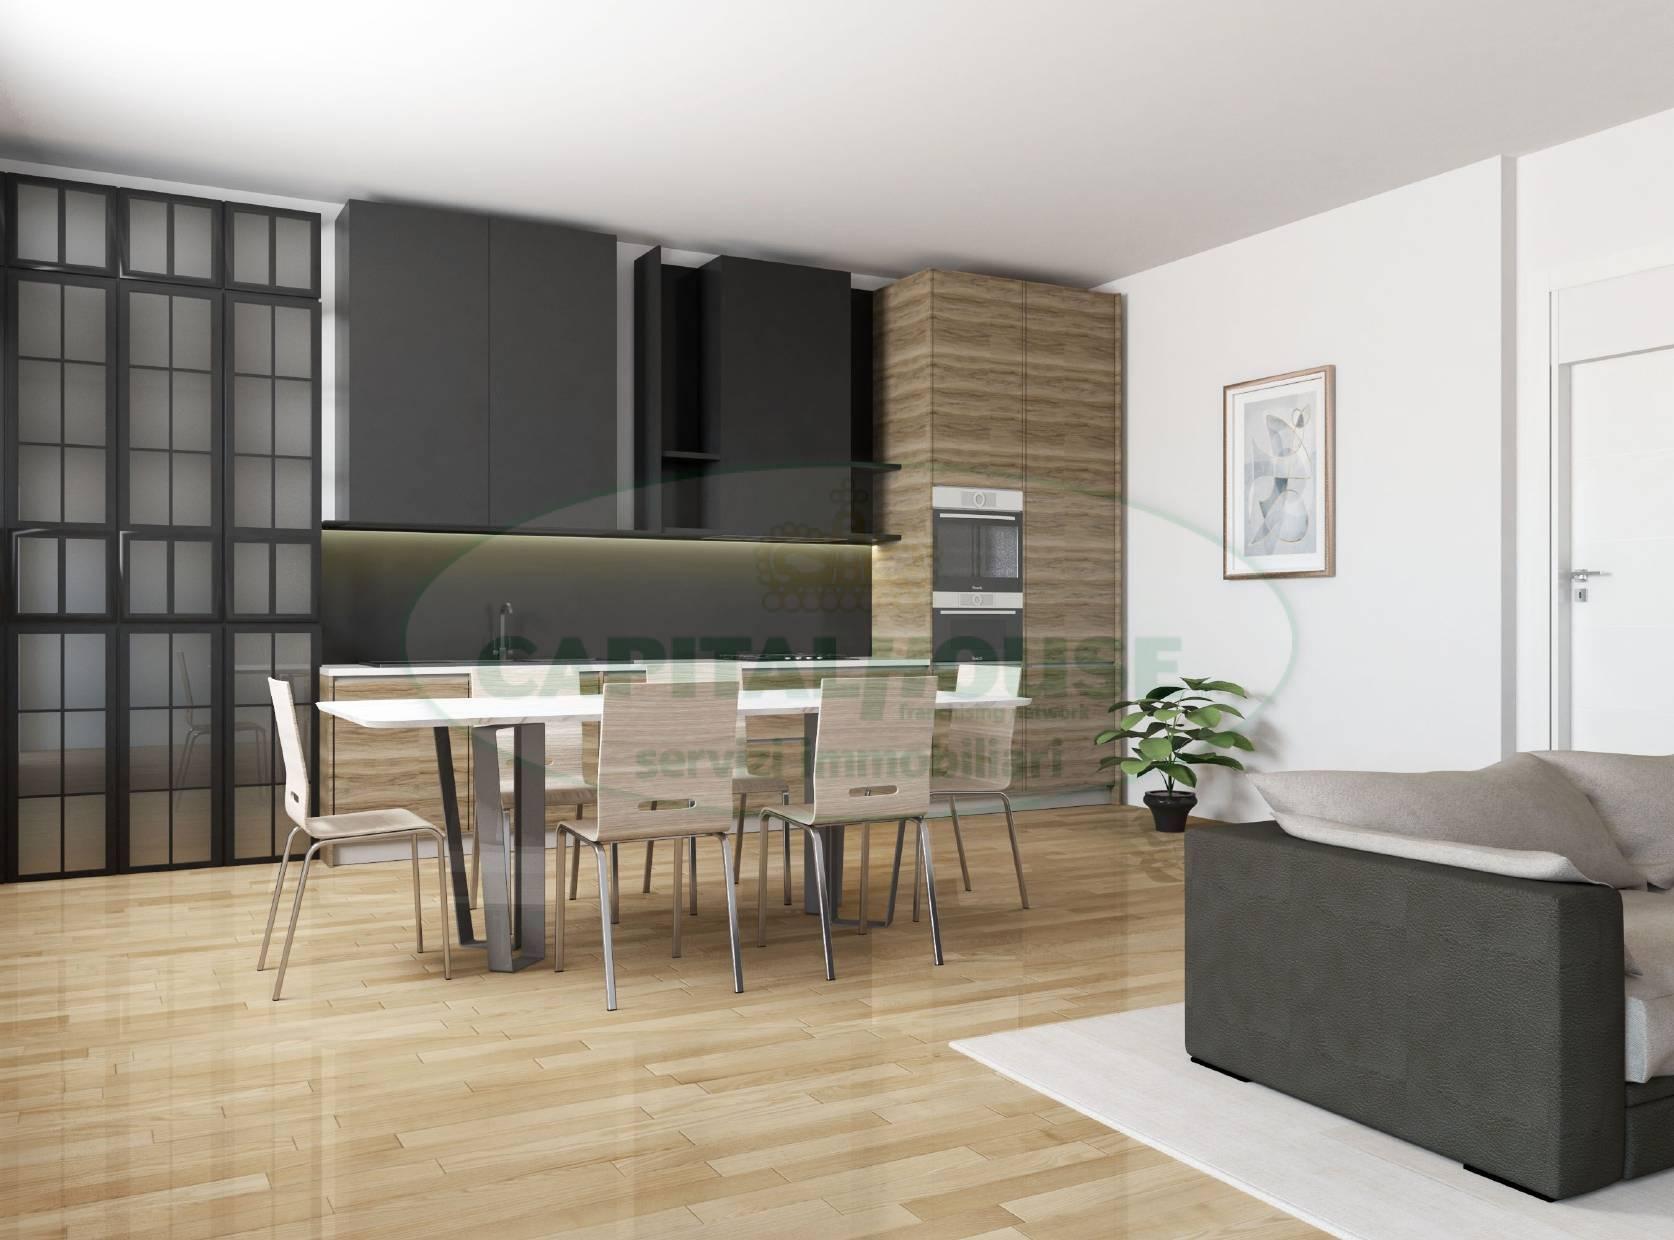 Appartamento in vendita a Capua (CE)